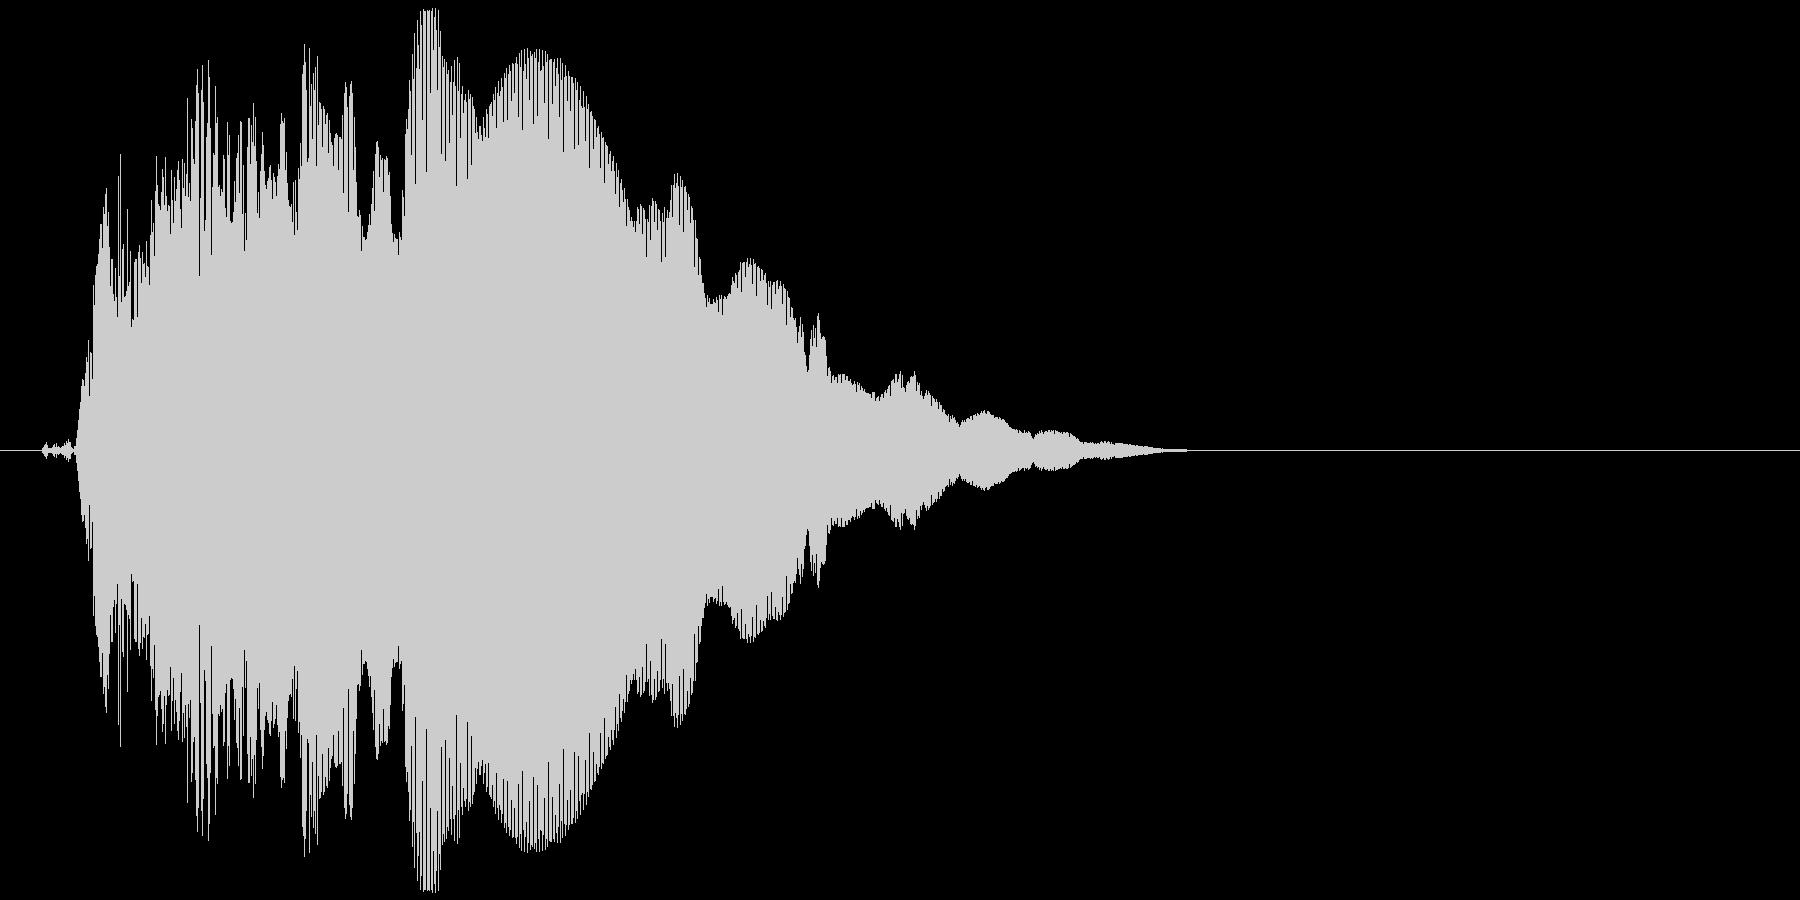 キュピーン(ロボット、起動、光る)の未再生の波形